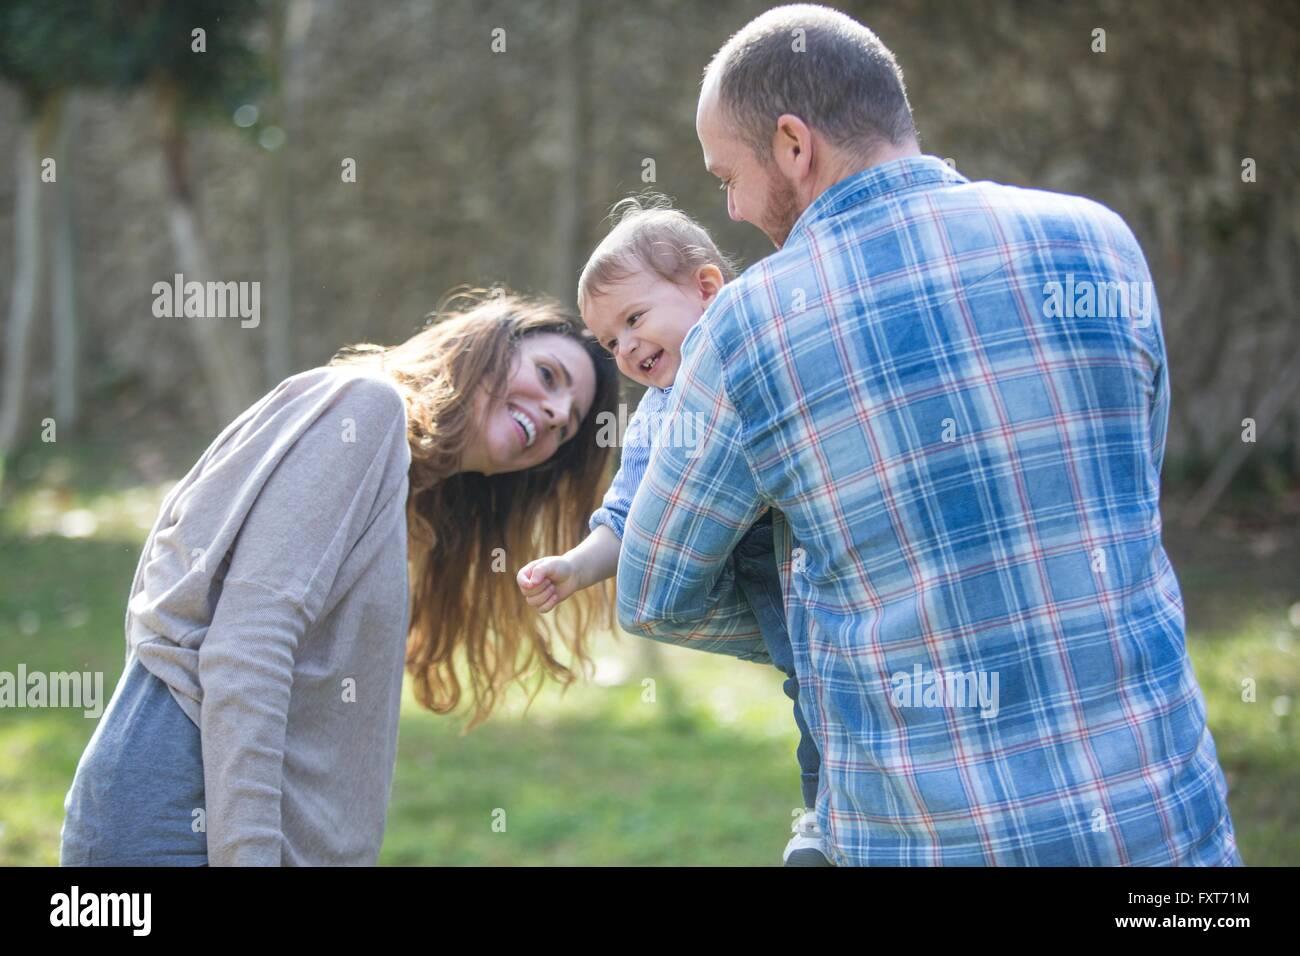 Los padres la celebración de Baby Boy sonriente, jugando Imagen De Stock